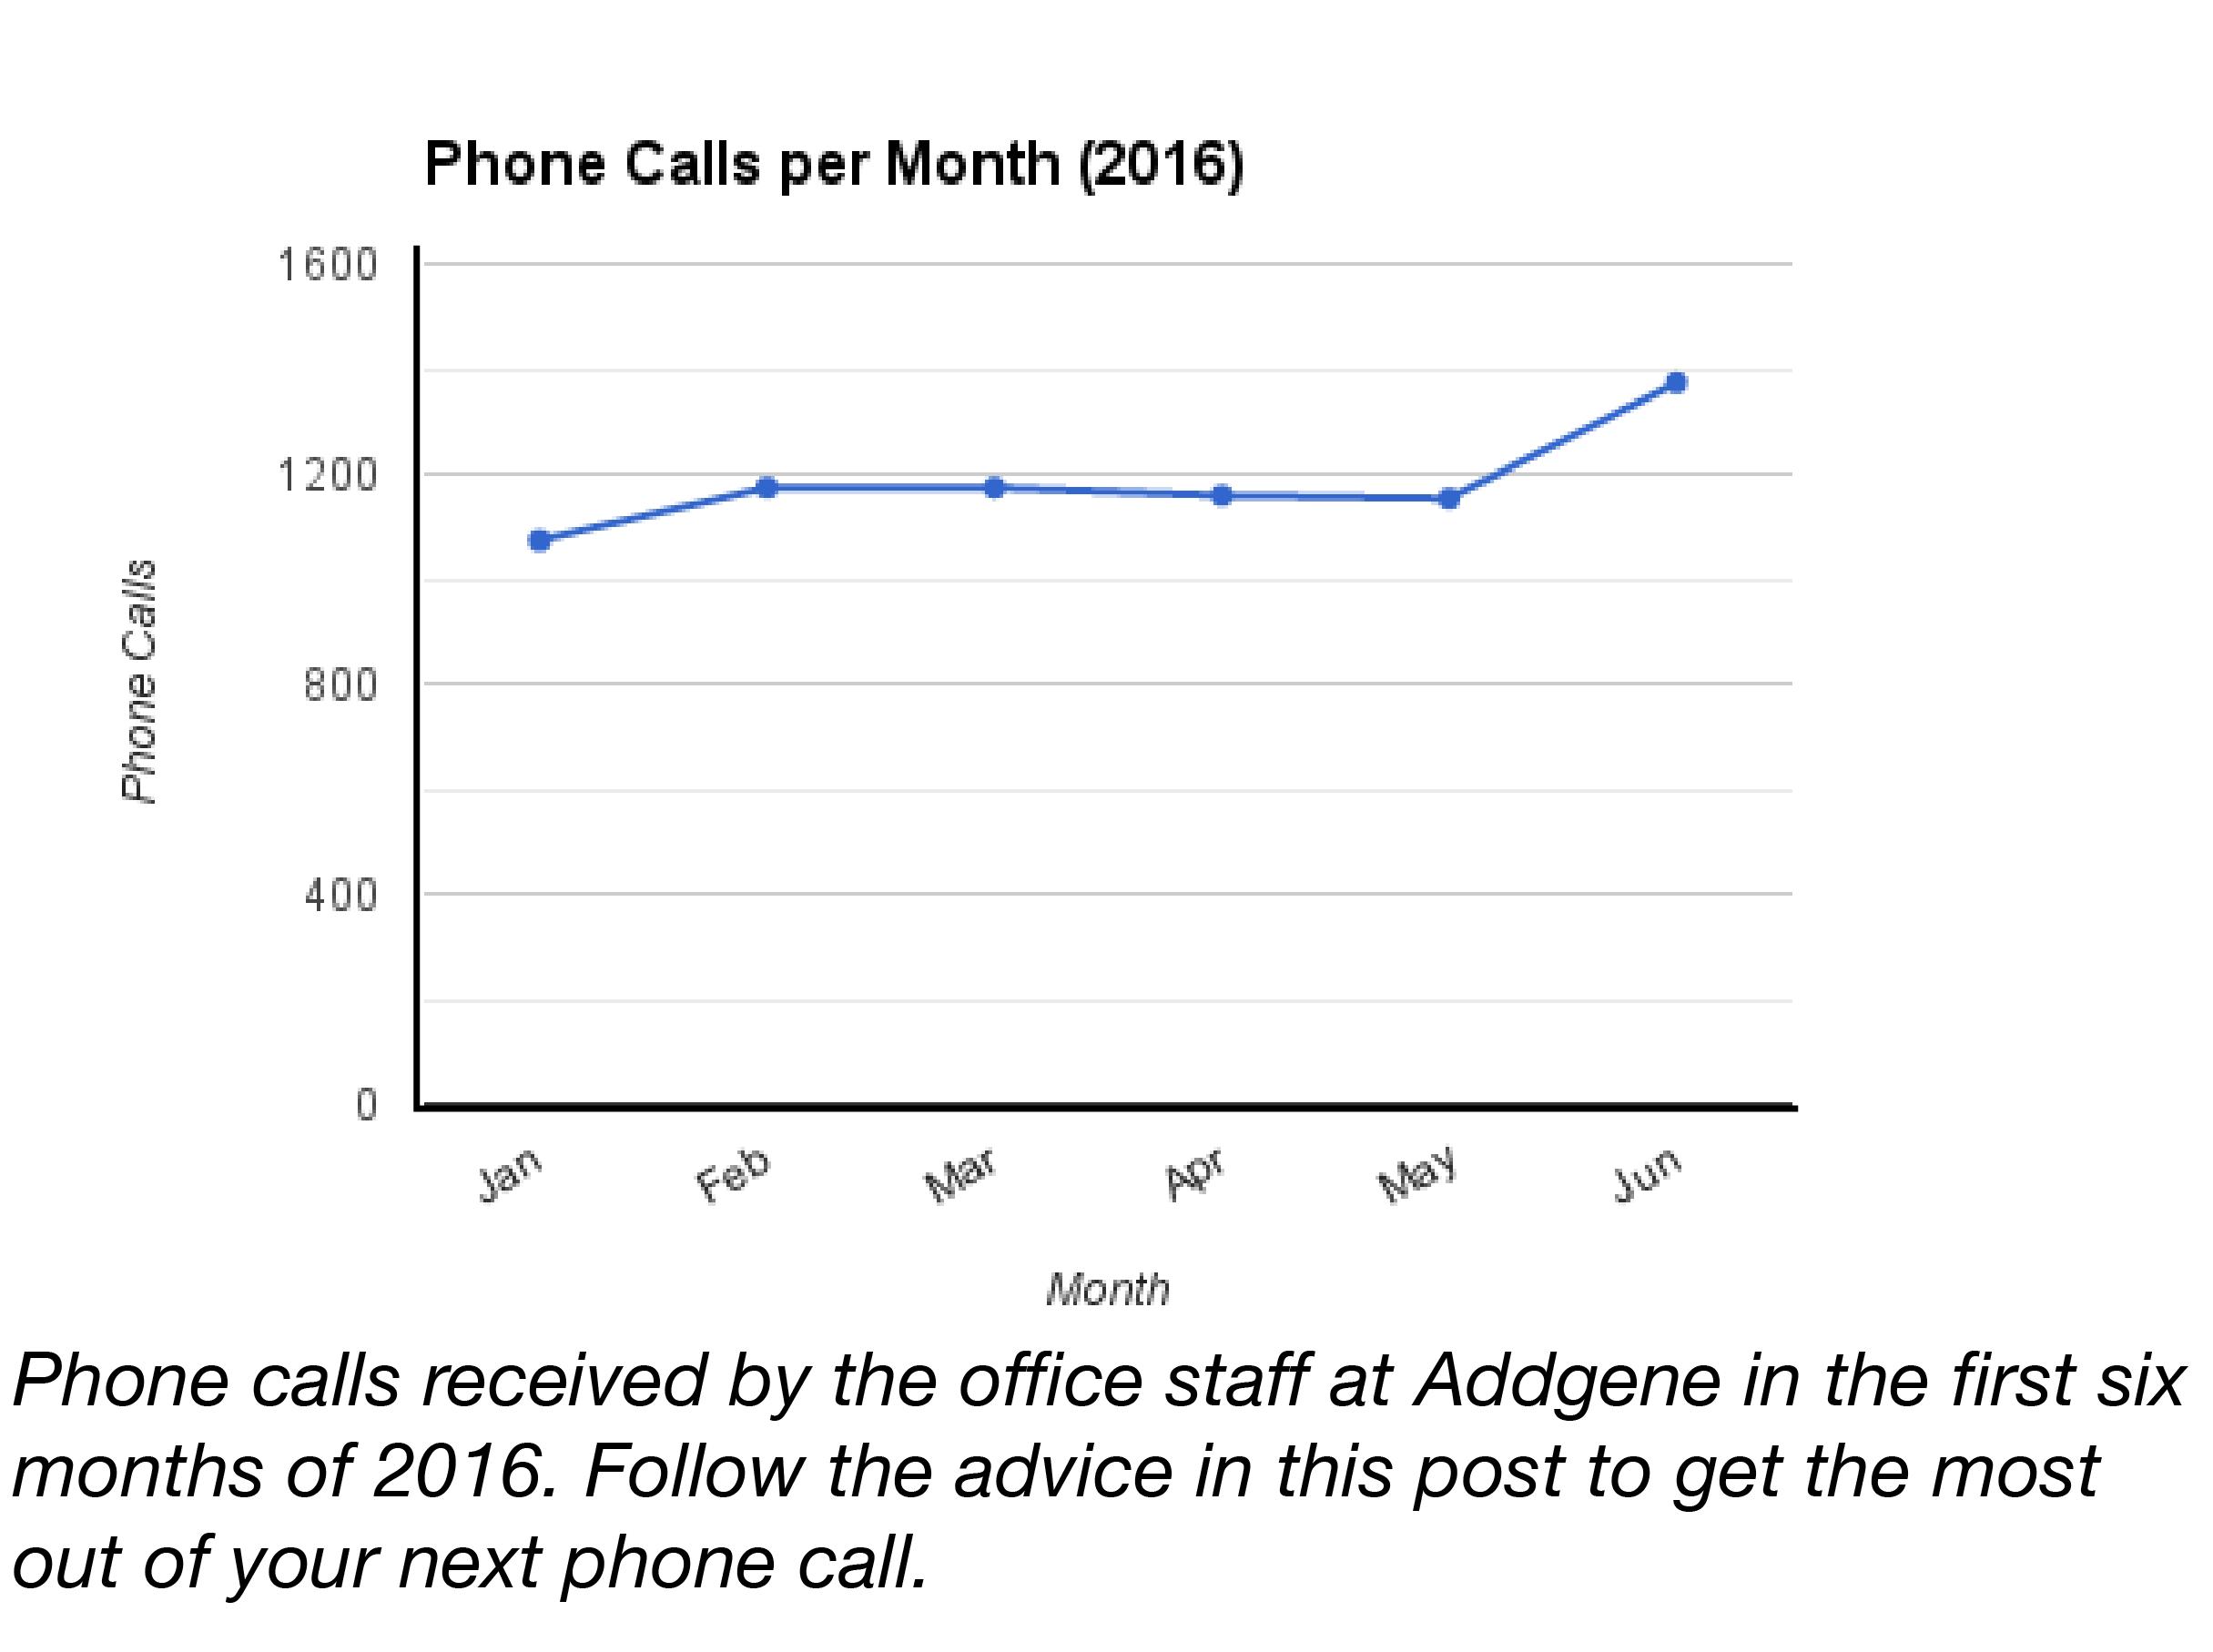 Phone Calls to Addgene Per Month